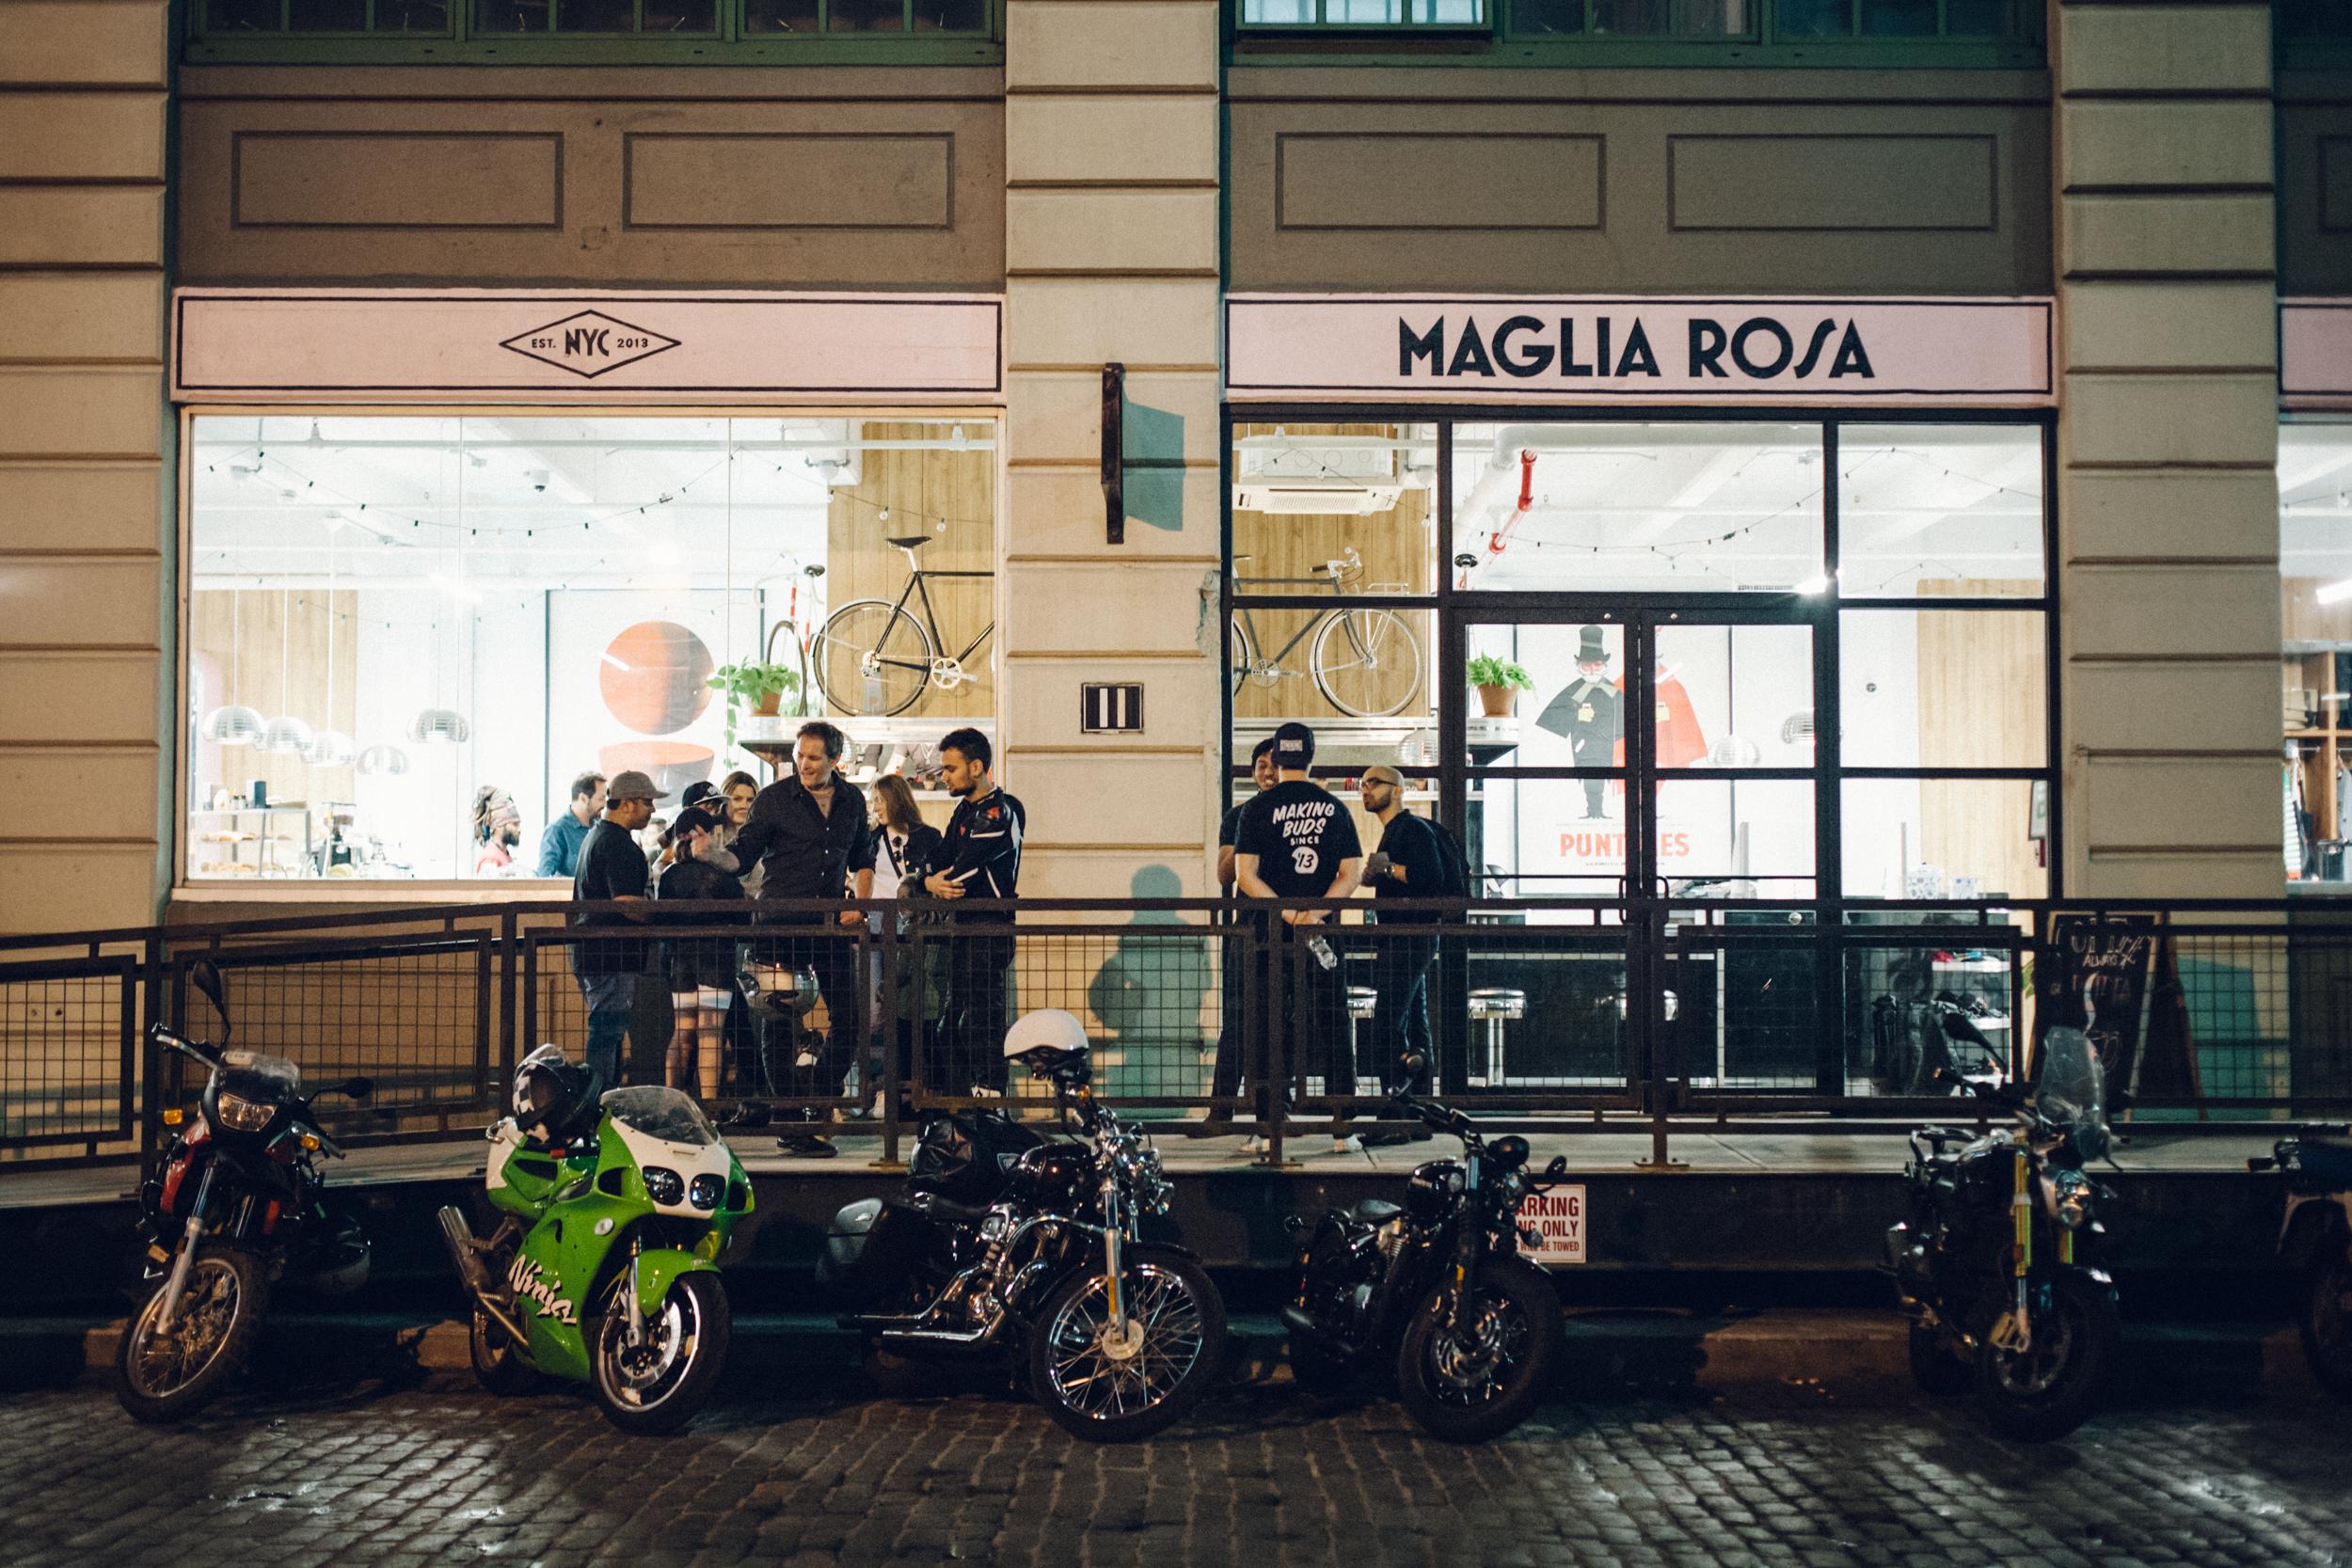 ViktorRadics_#TheMotoSocialNEWYORK_May_3_2018_MagliaRosa_IMG_6146.jpg